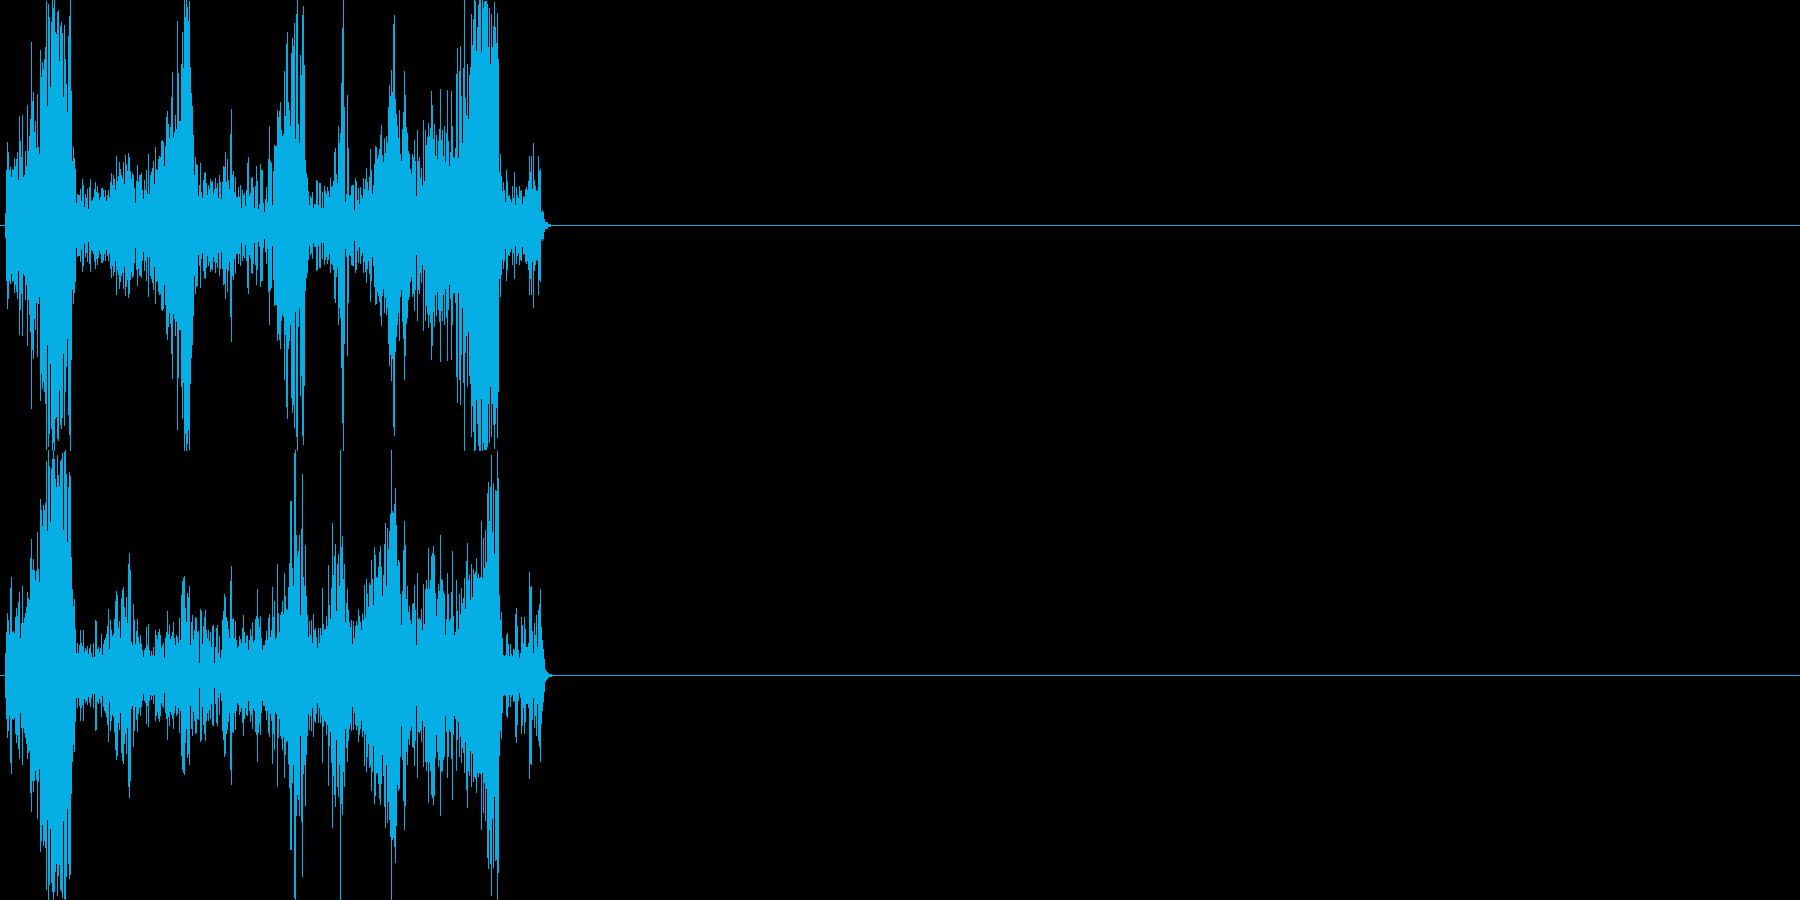 巻き戻し音01_シンセの再生済みの波形